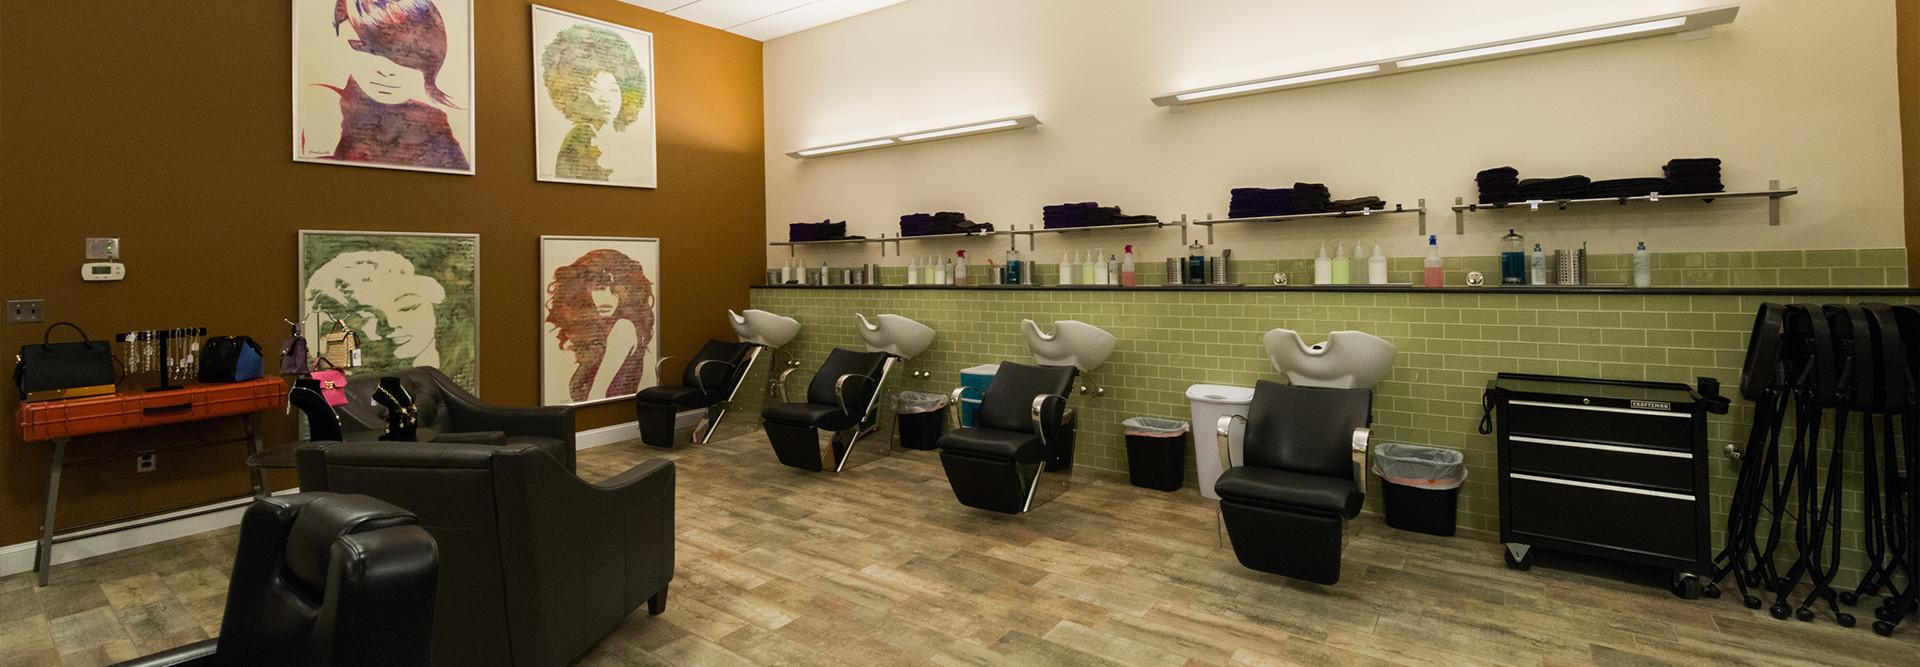 slider-style-lounge-wash